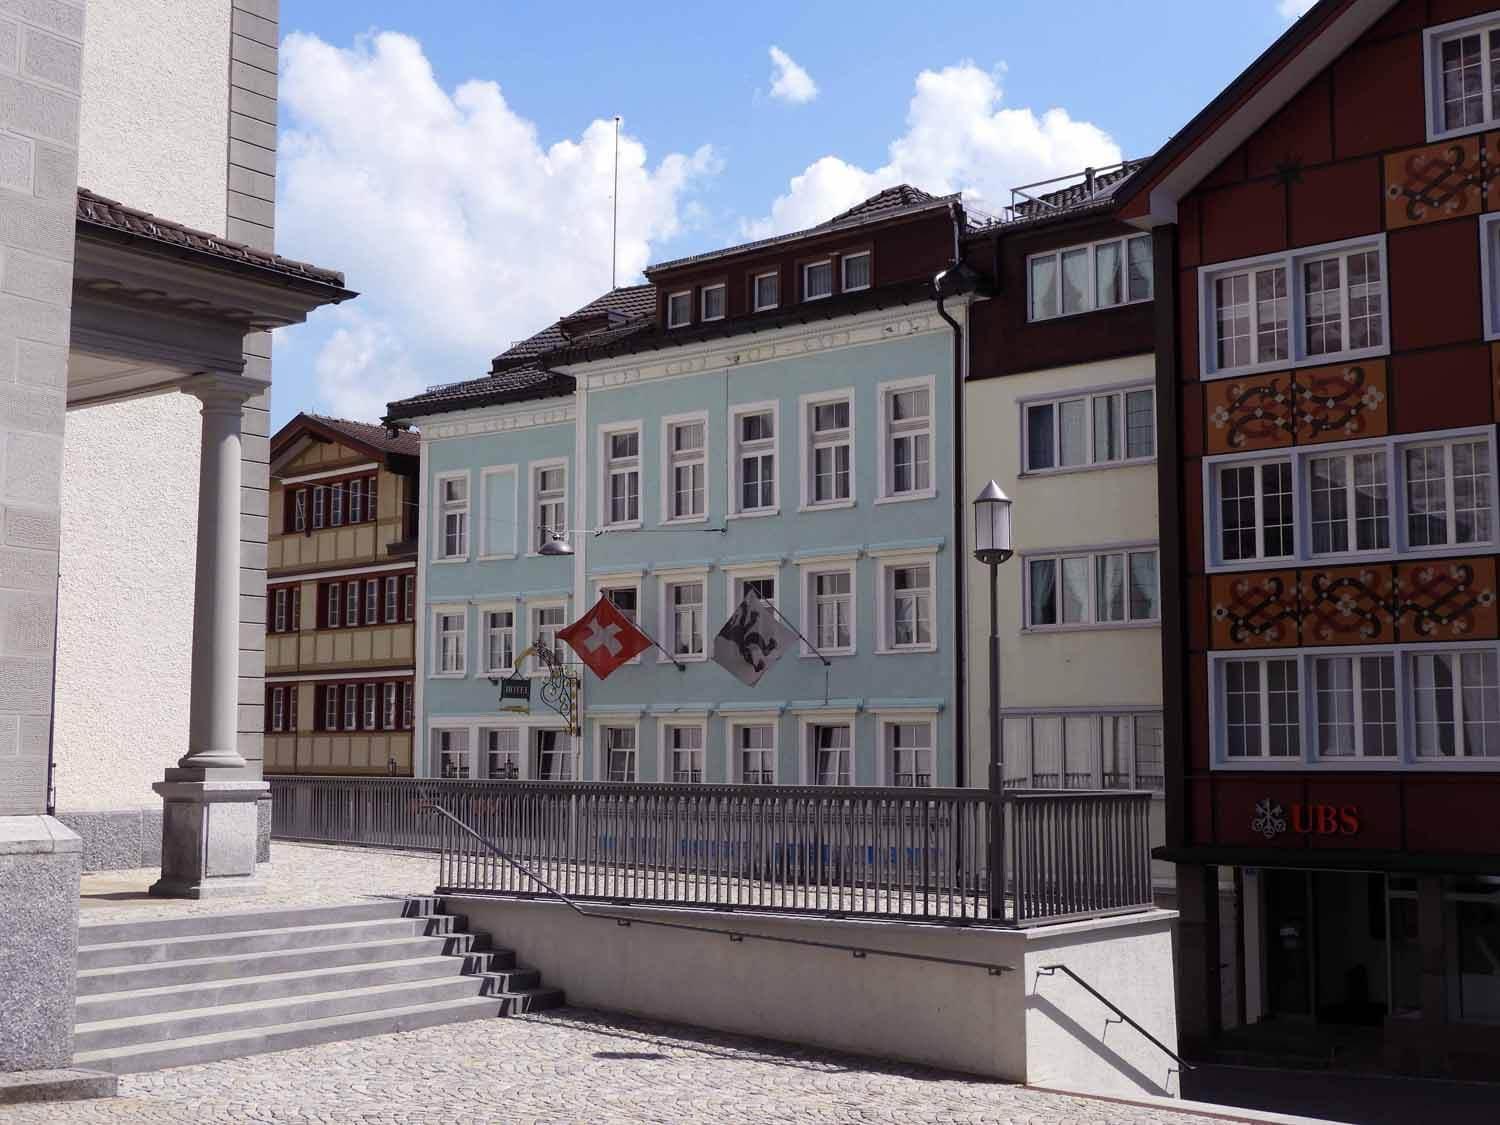 switzerland-appenzell-downtown.JPG